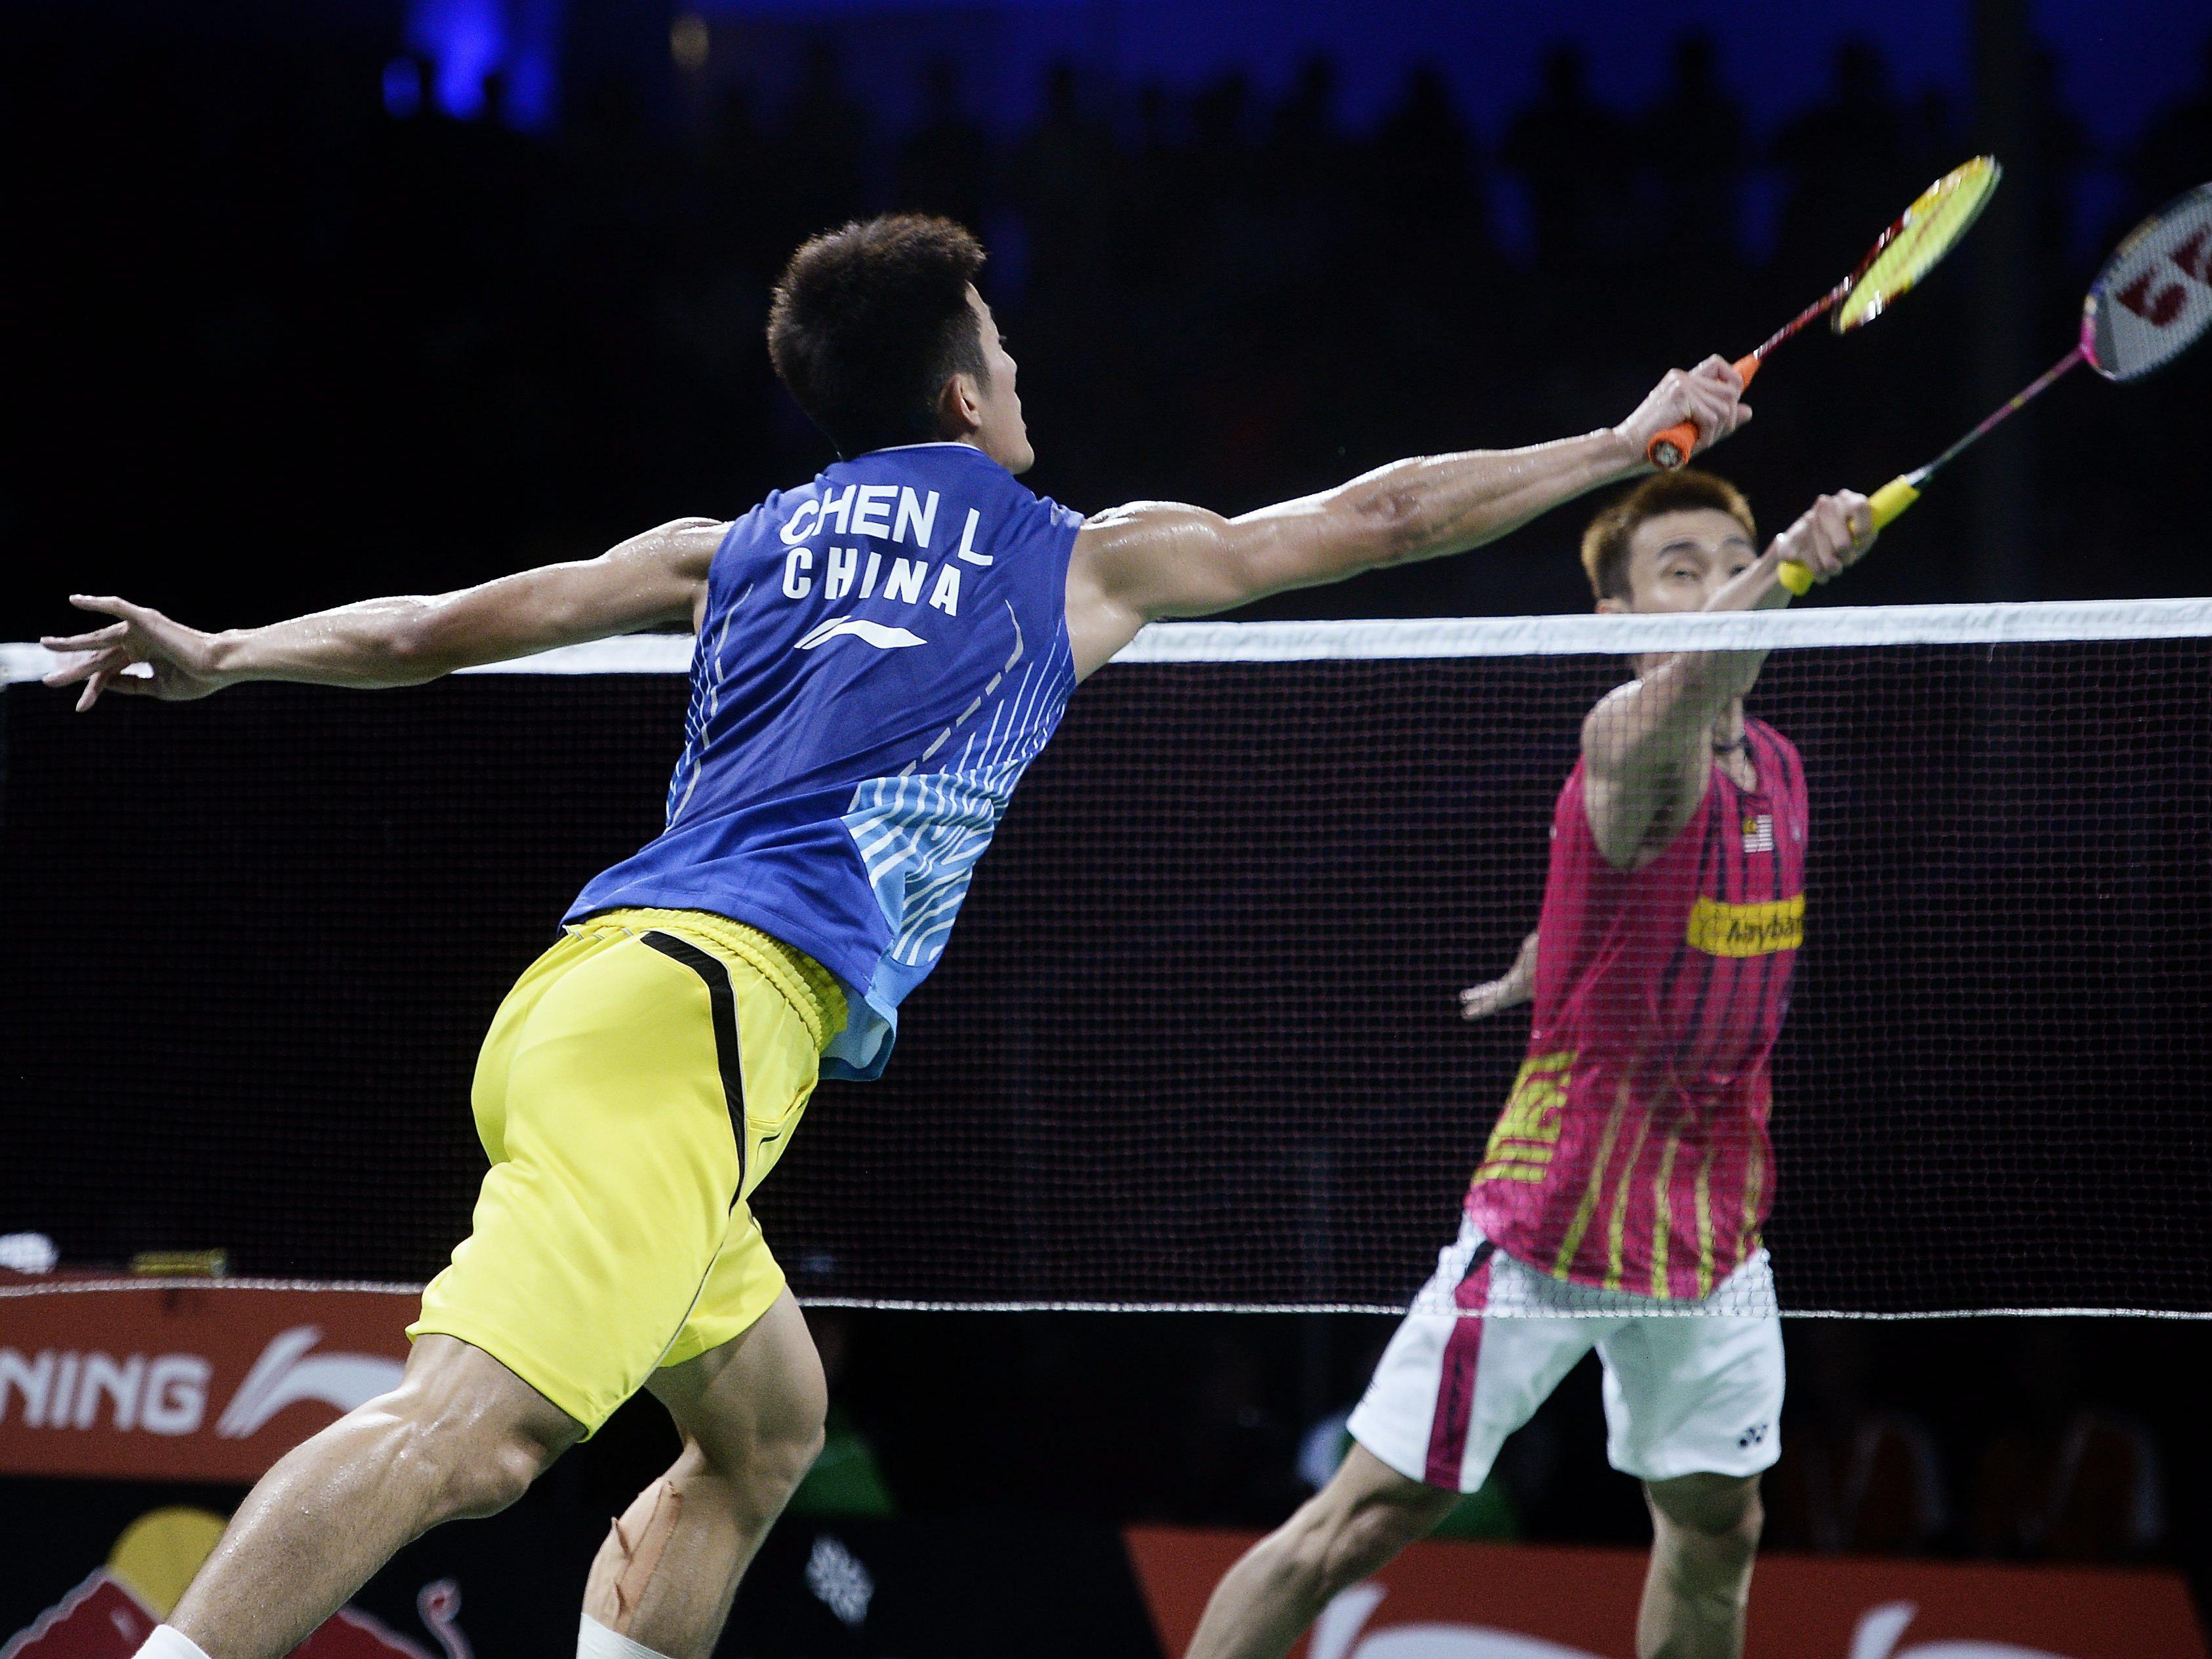 Glück im Unglück für Badminton-Spieler in Vietnam.